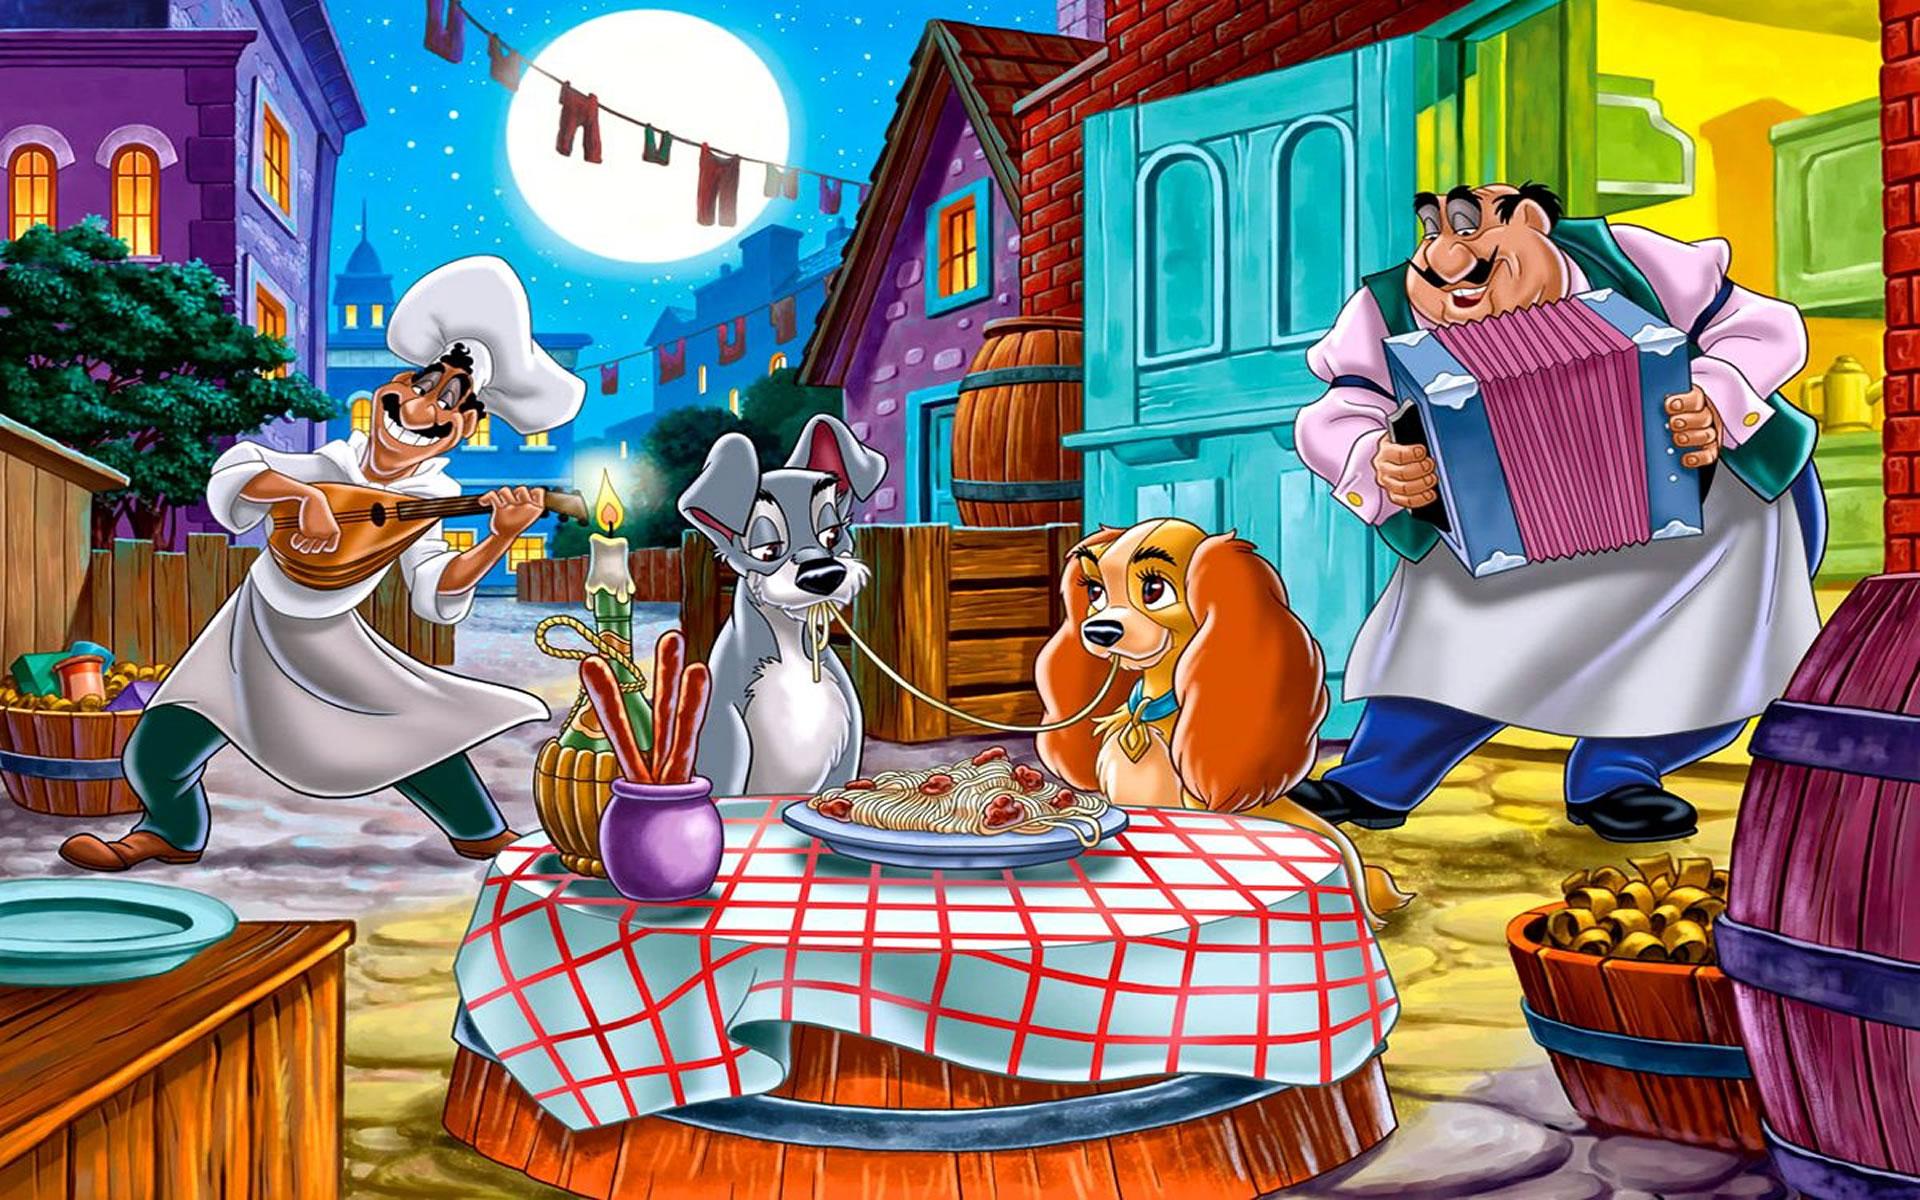 Fondo Disney La Dama y el Vagabundo